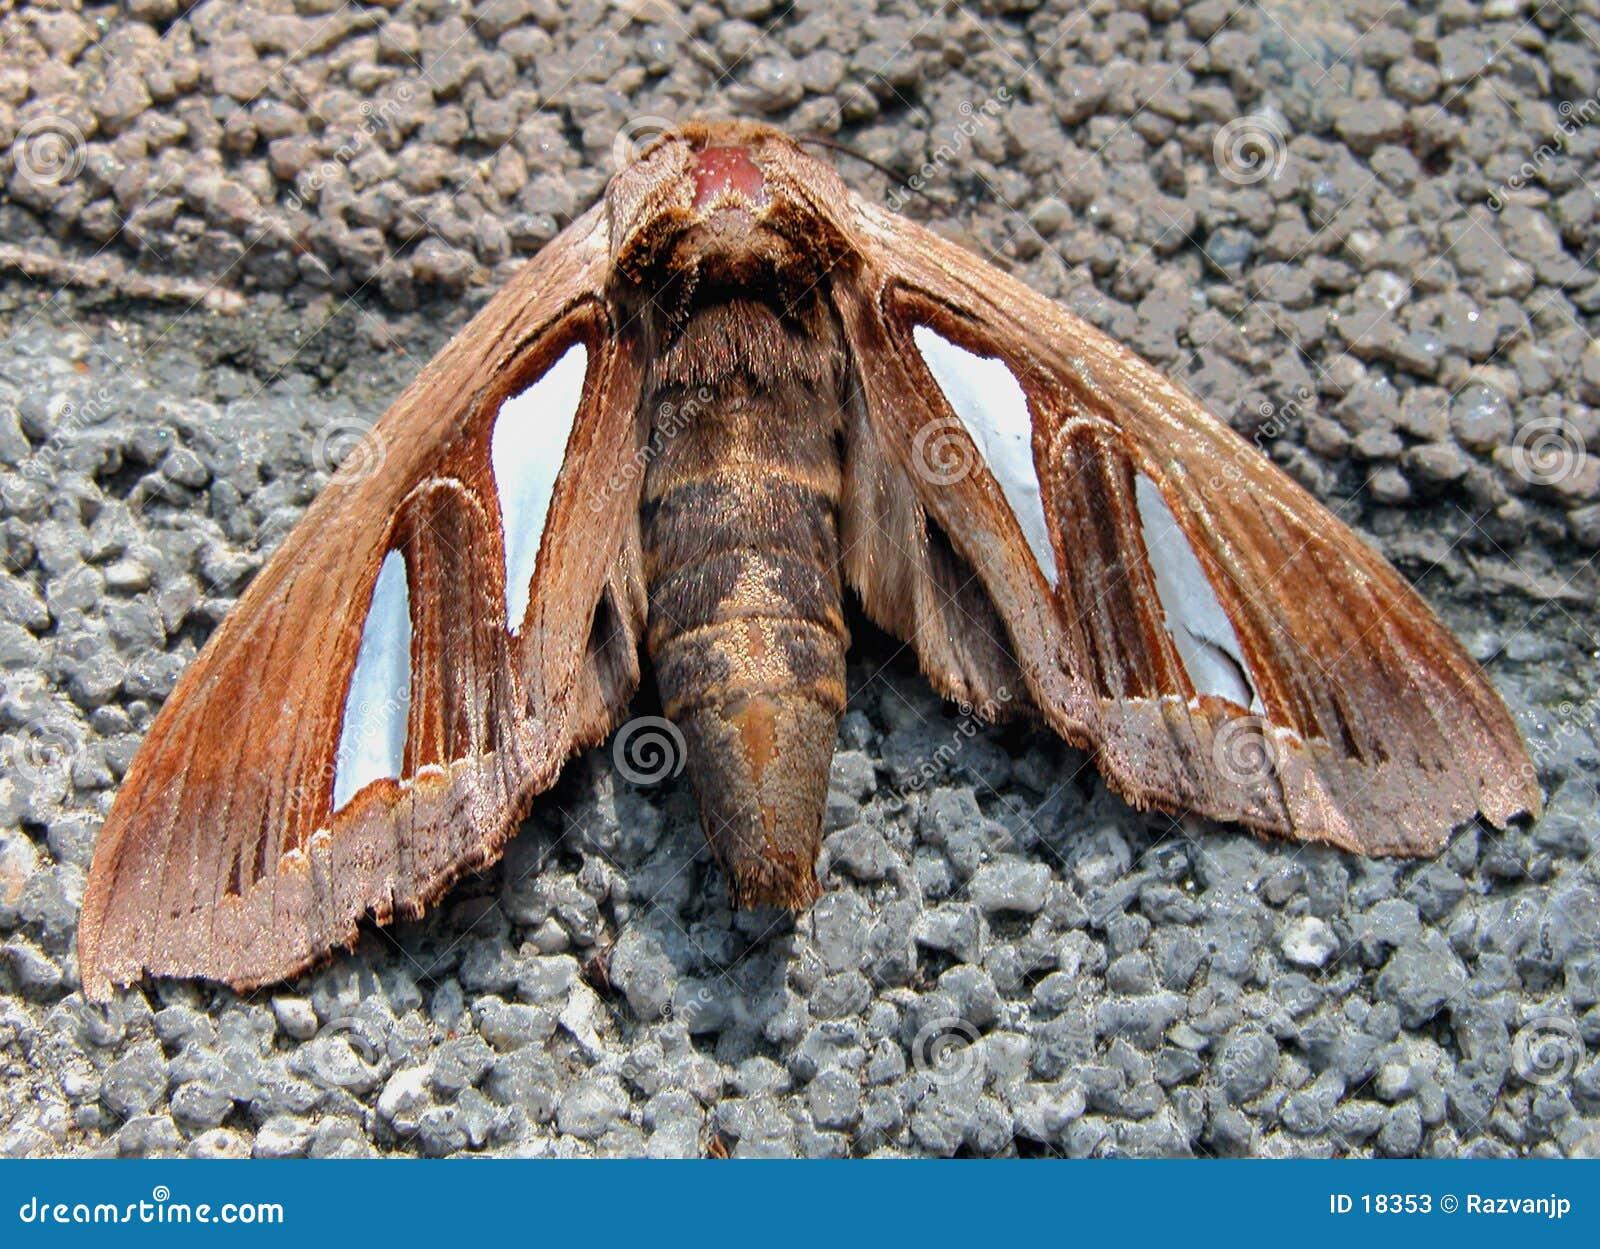 Farfalla di notte